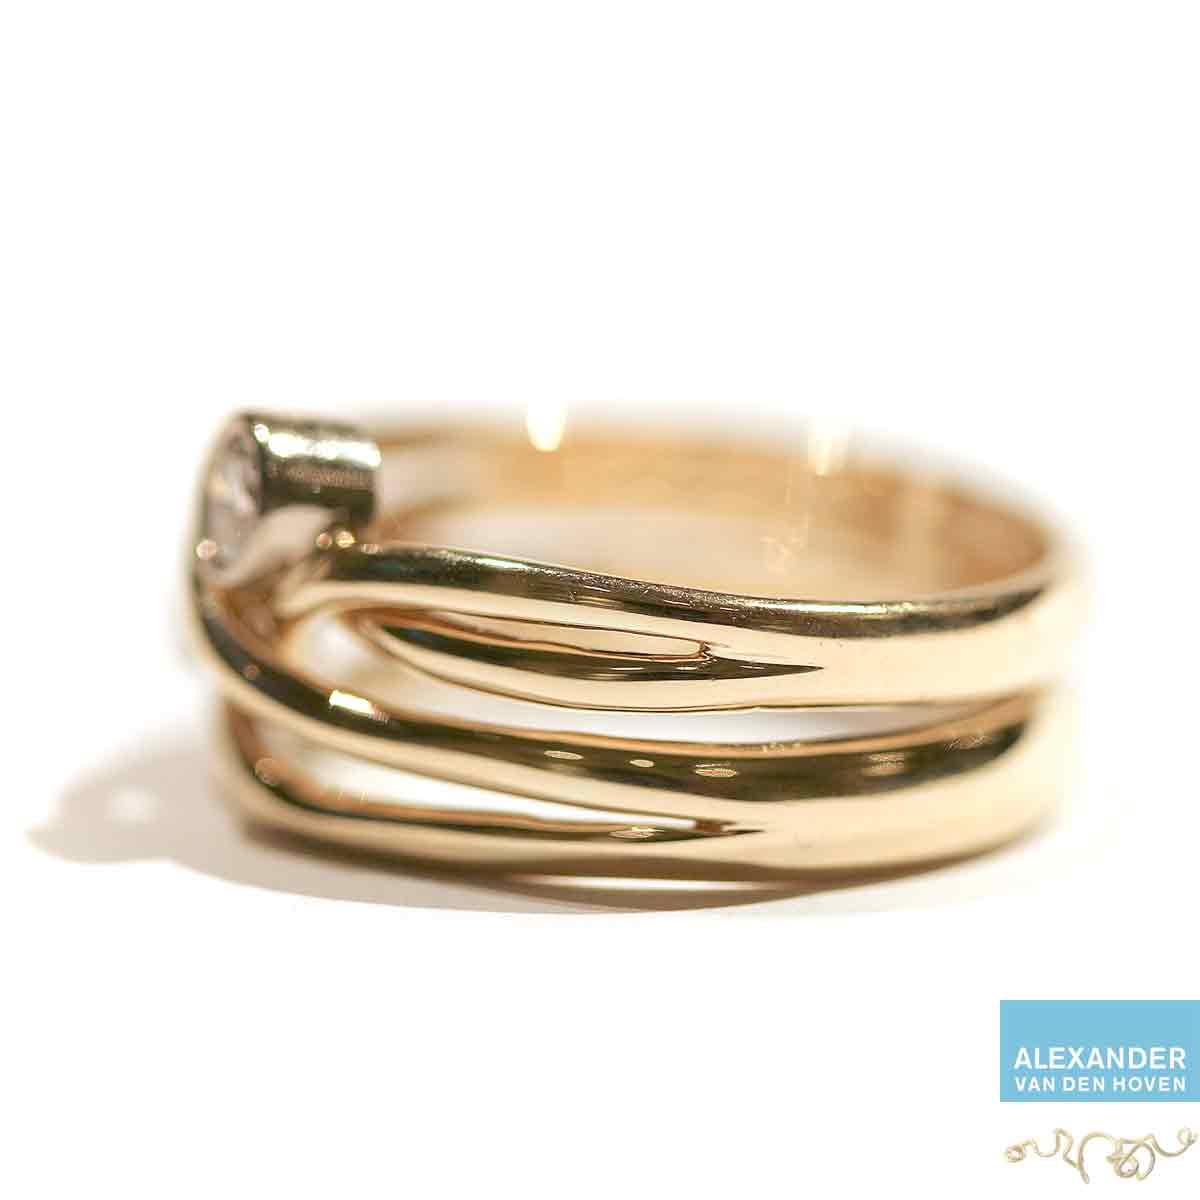 Trouwring-veranderen-gevlochten-Briljant-Diamant